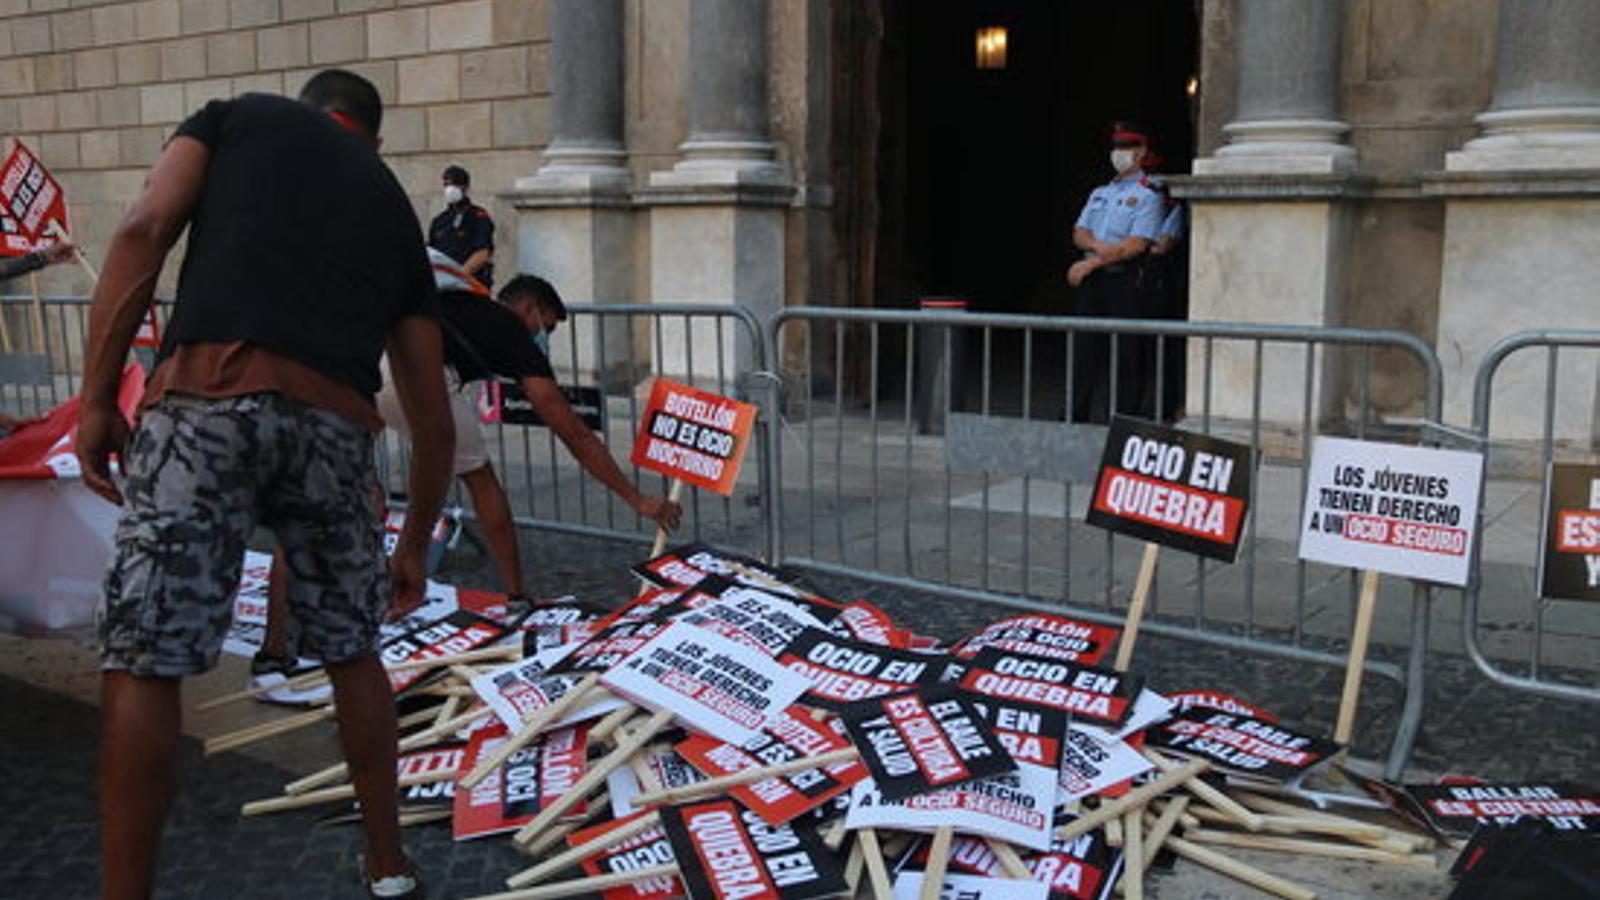 Dos treballadors de l'oci nocturn deixant les seves pancartes de protesta davant el Palau de la Generalitat el 29 de juliol de 2020.